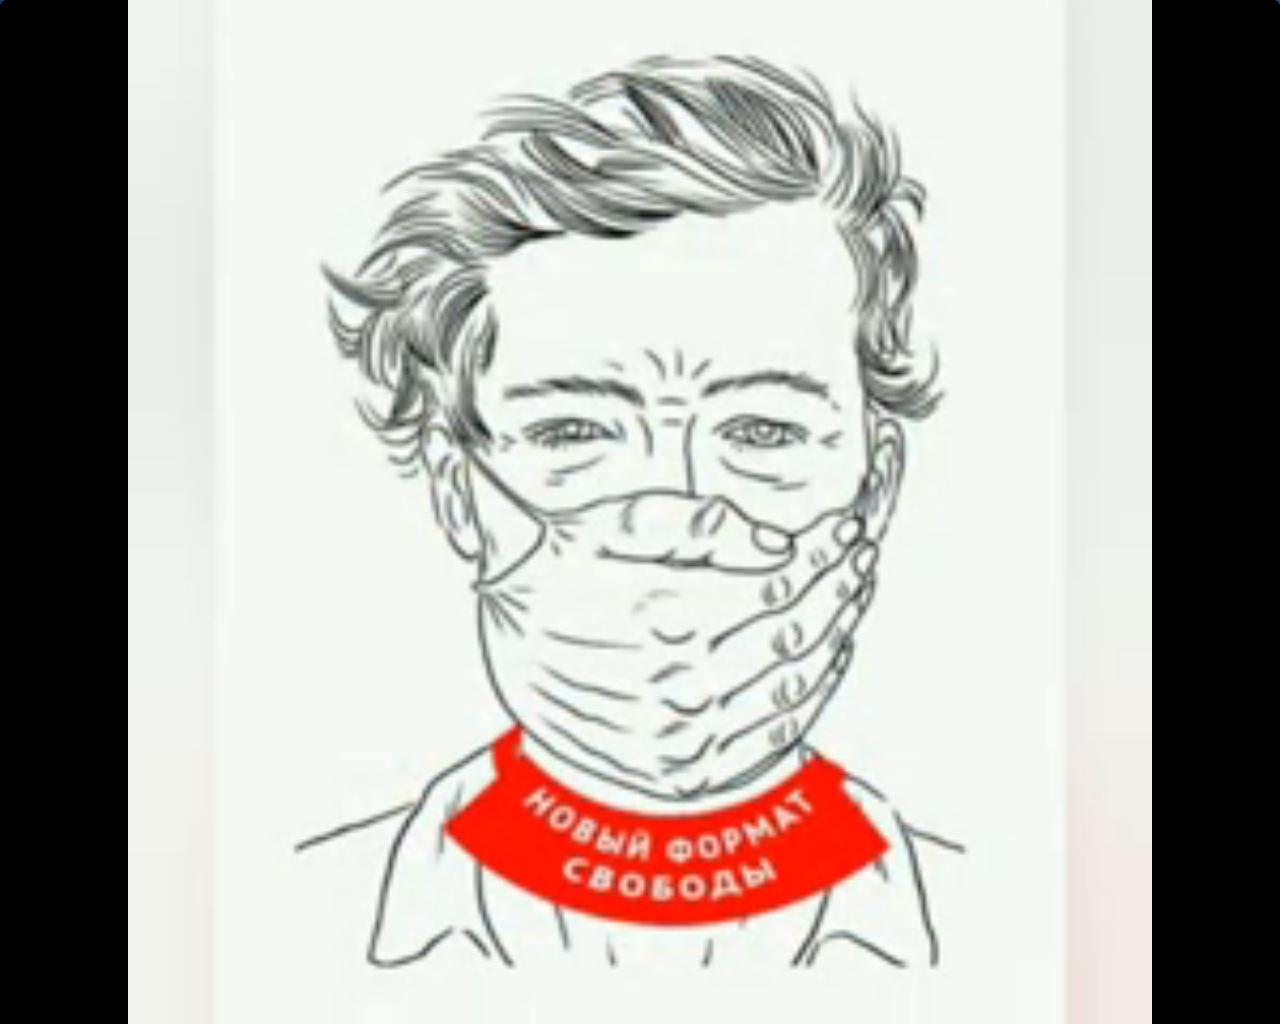 26.09.2020  Вице-президент РАН призвал россиян носить маски, чтобы 31898